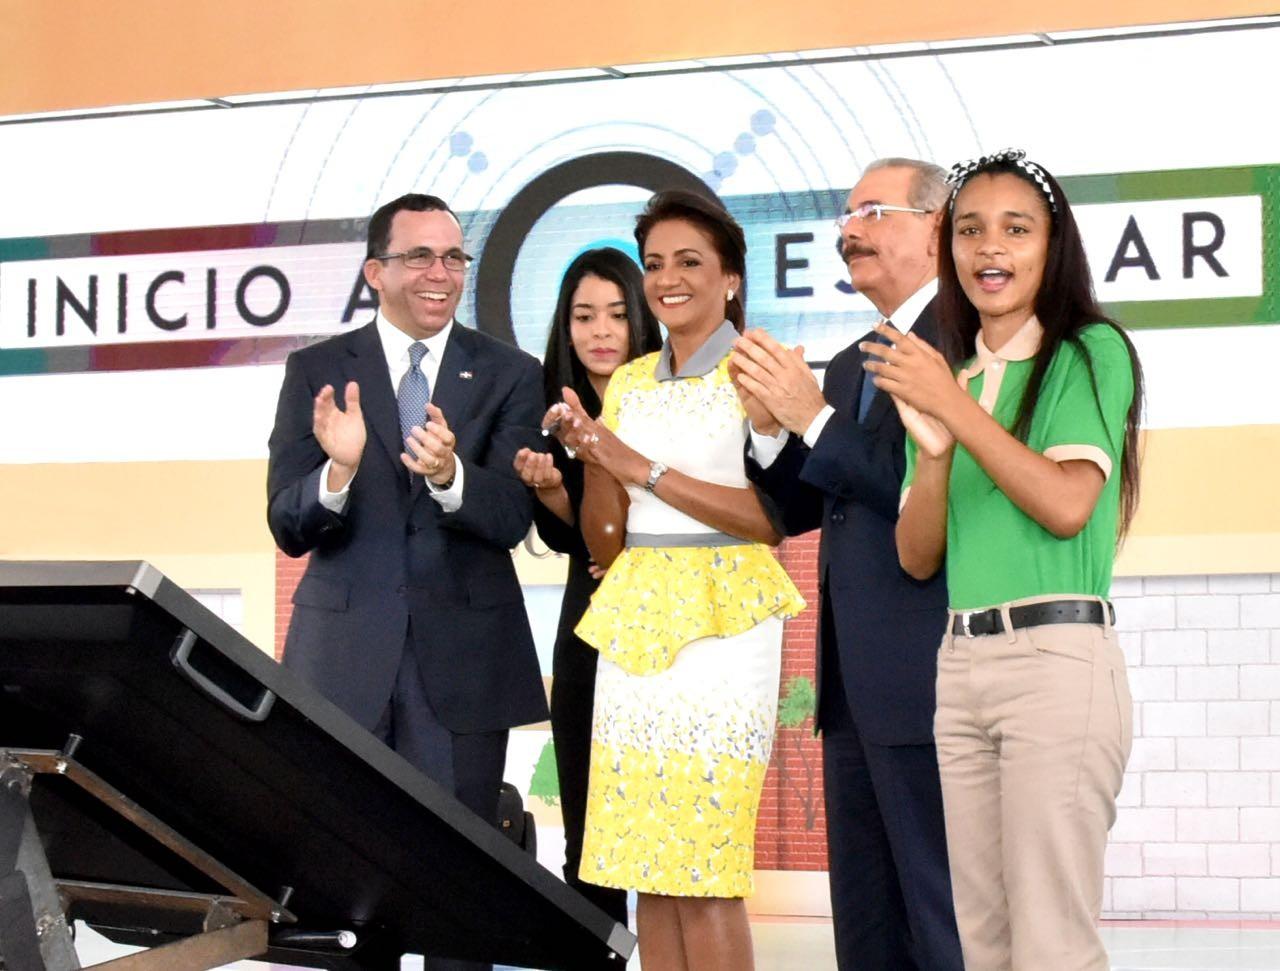 imagen Presidente Danilo Medina, Primera Dama Candida Montilla de Medina, Ministro Andrés Navarro y estudiante de secuandaria de pies aplaudiendo con alegria el inicio del Año Escolar 2018-2019